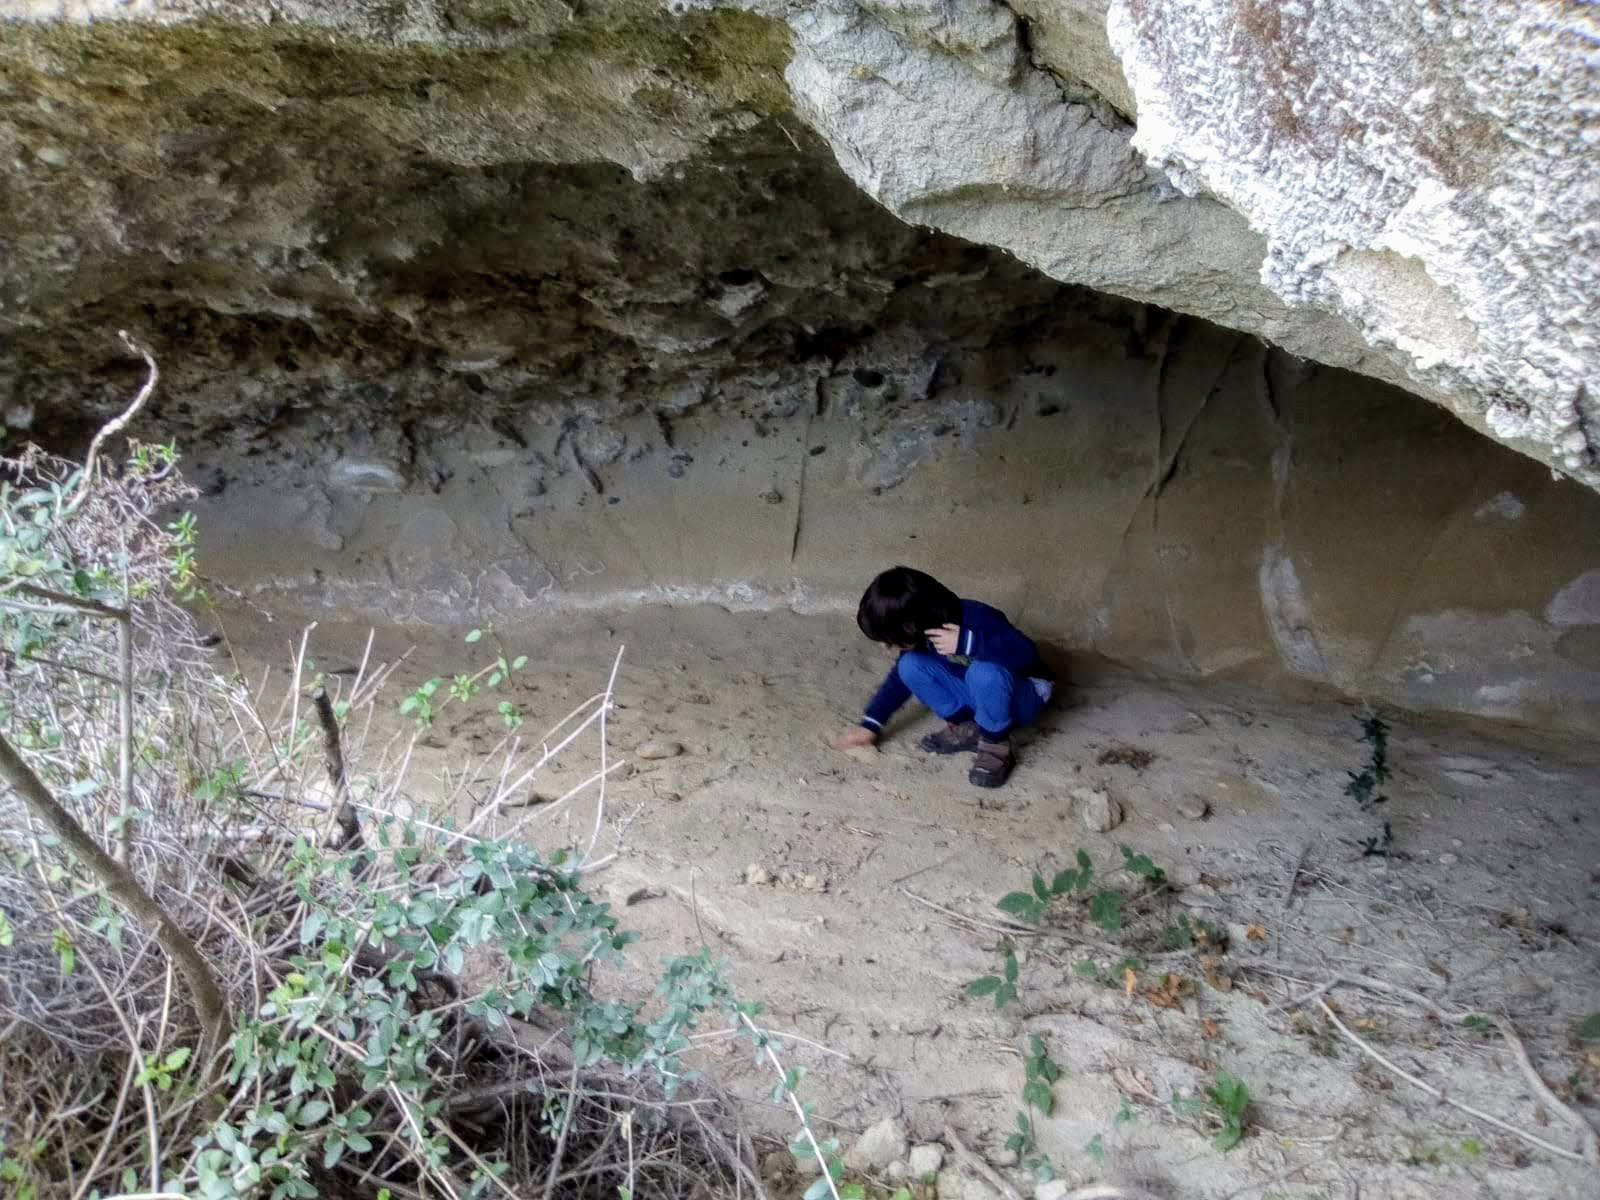 Paludi: grotta eremitica